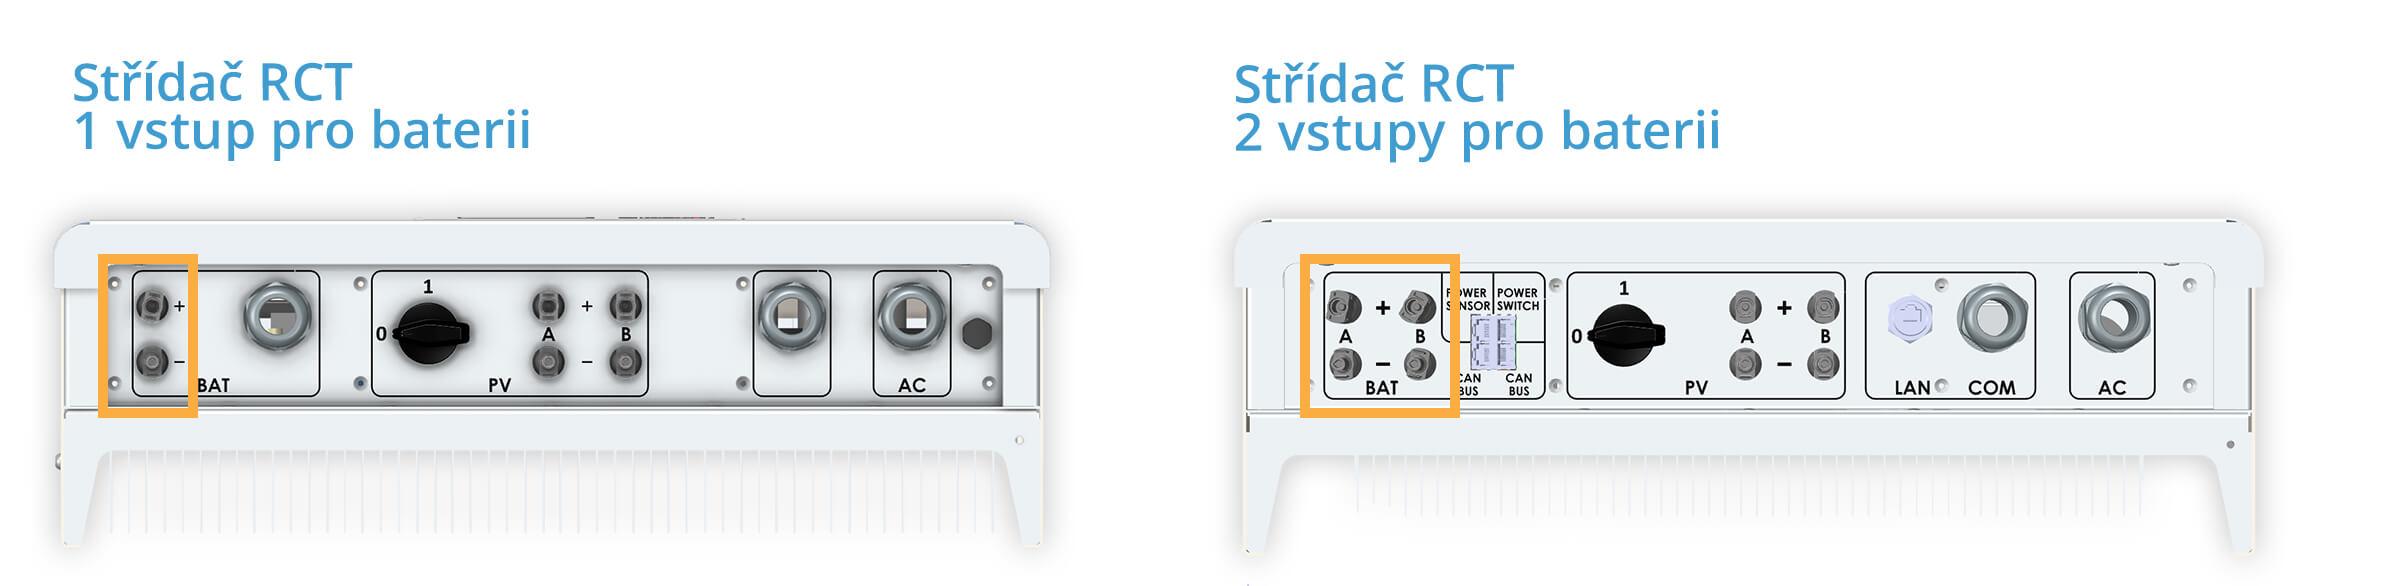 RCT vstupy baterie